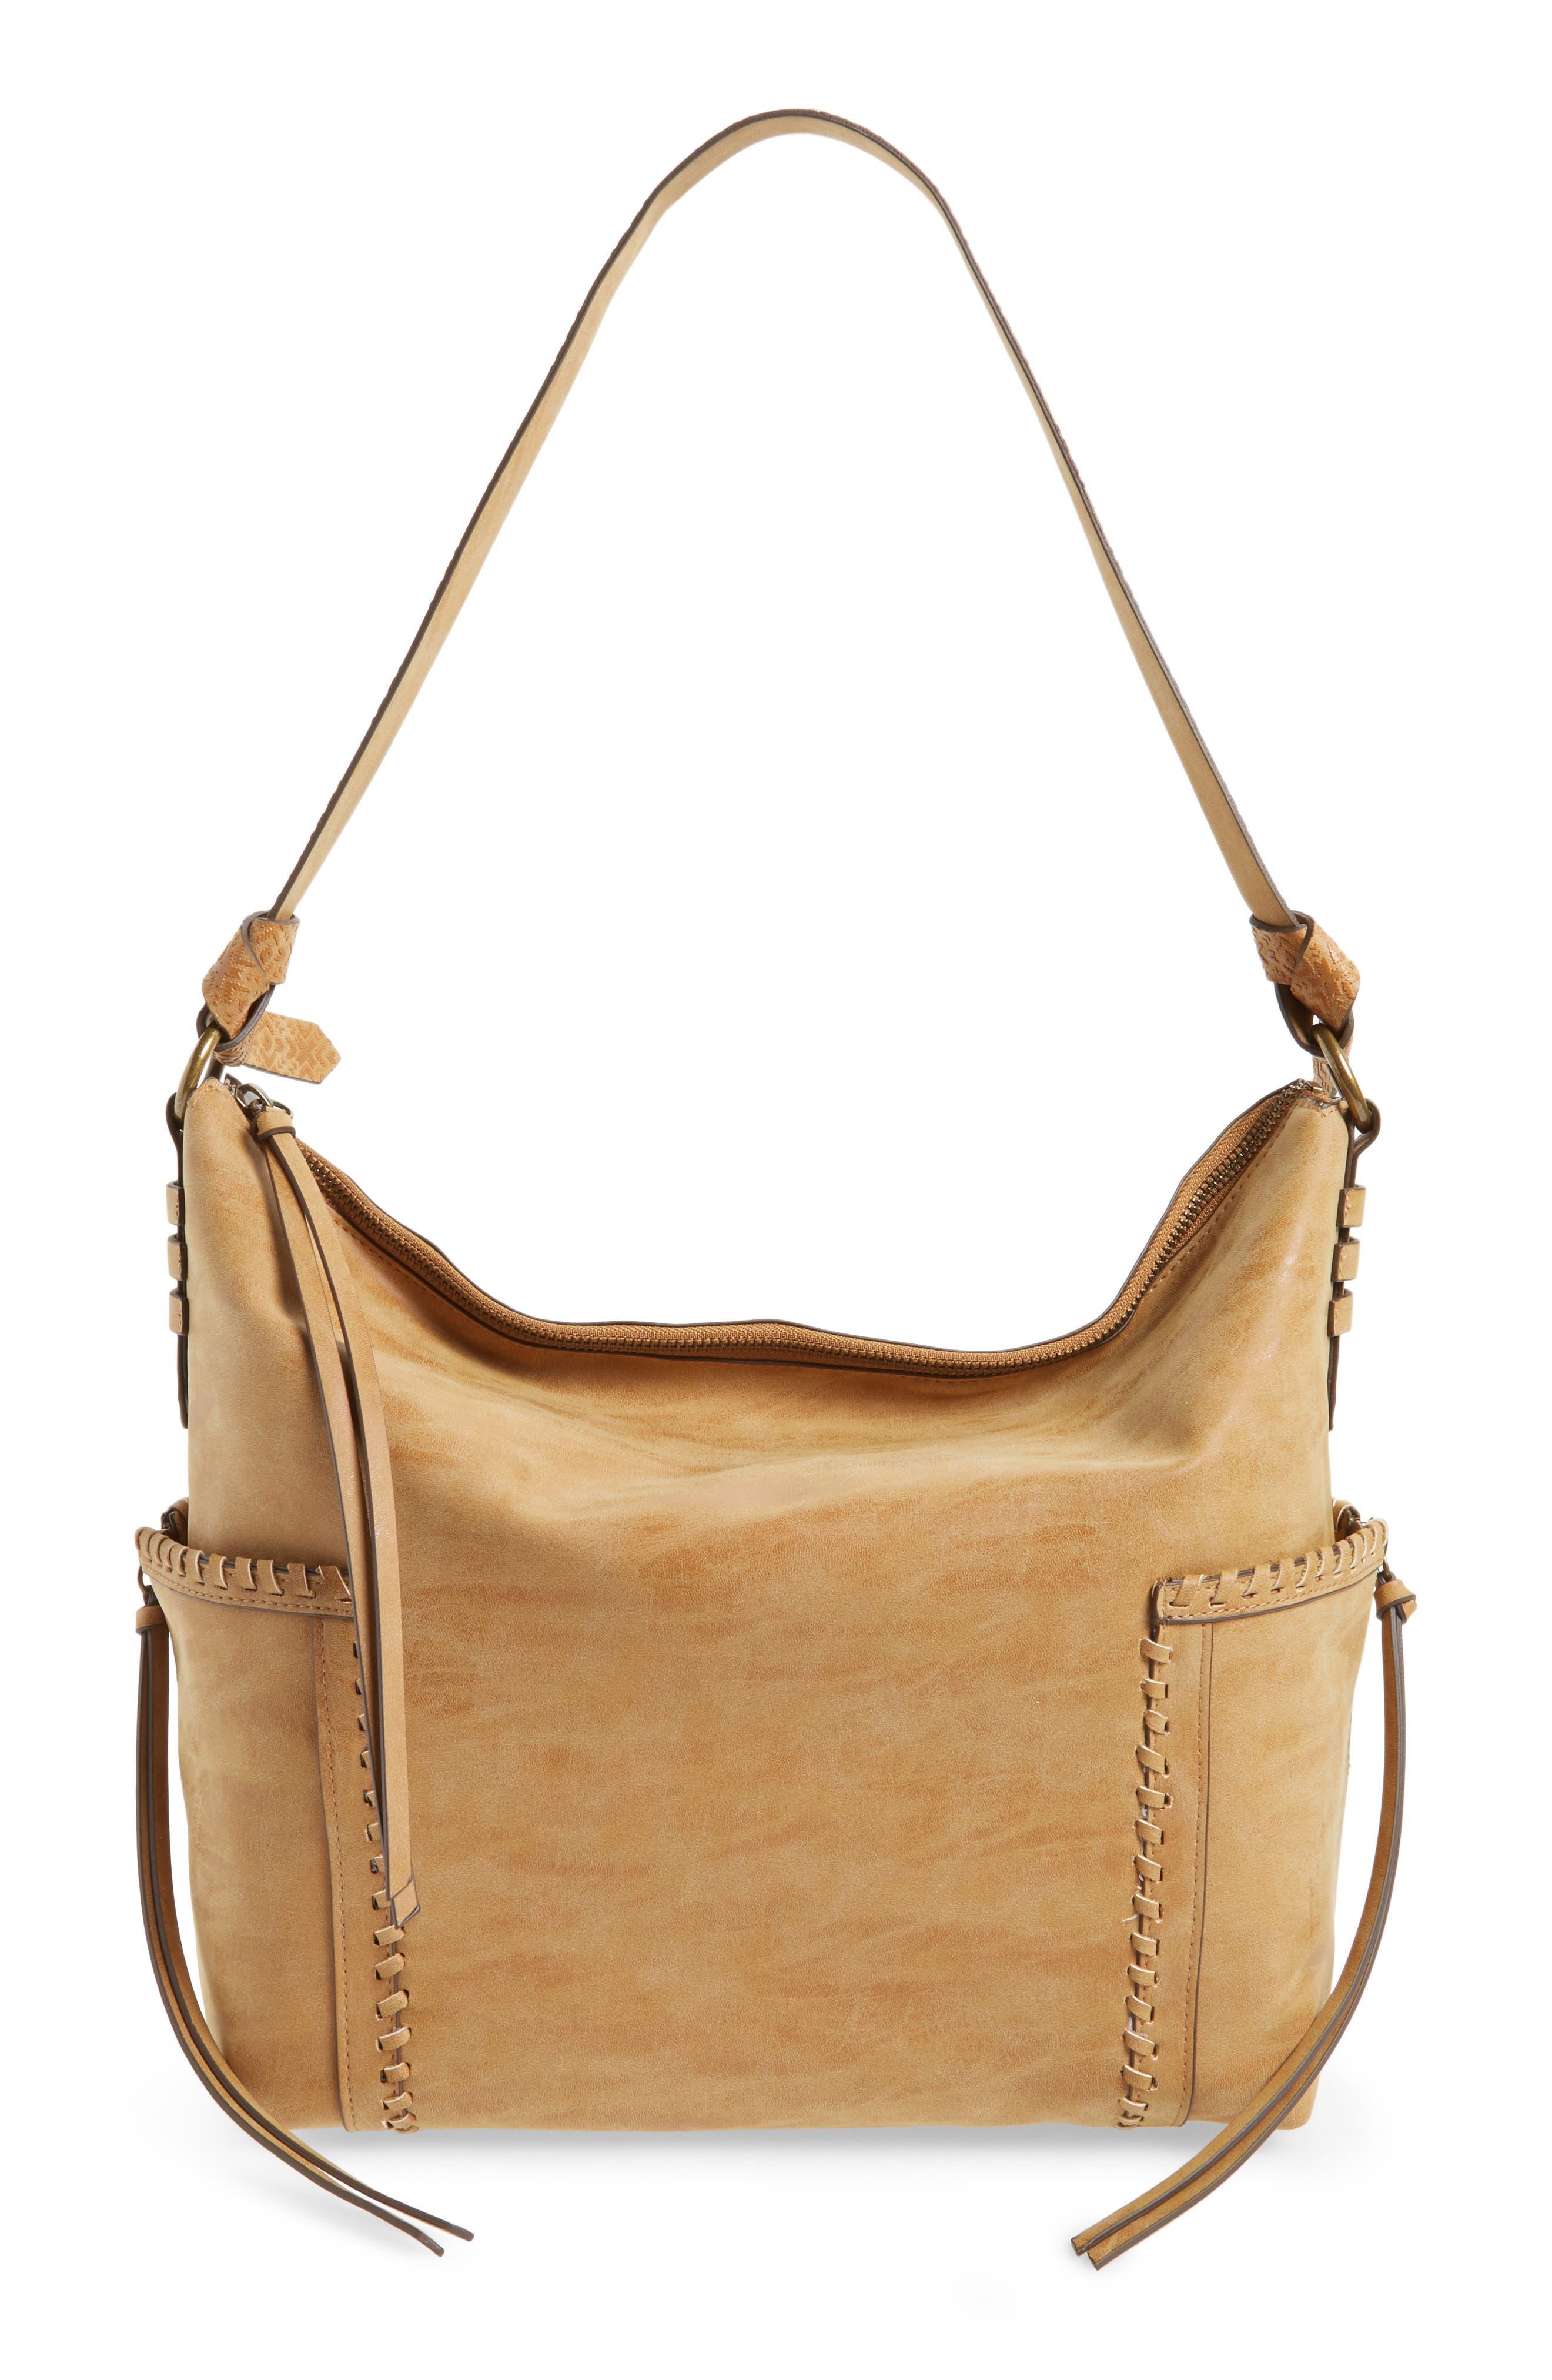 Image of ELLE & JAE GYPSET Avalor Faux Leather Hobo